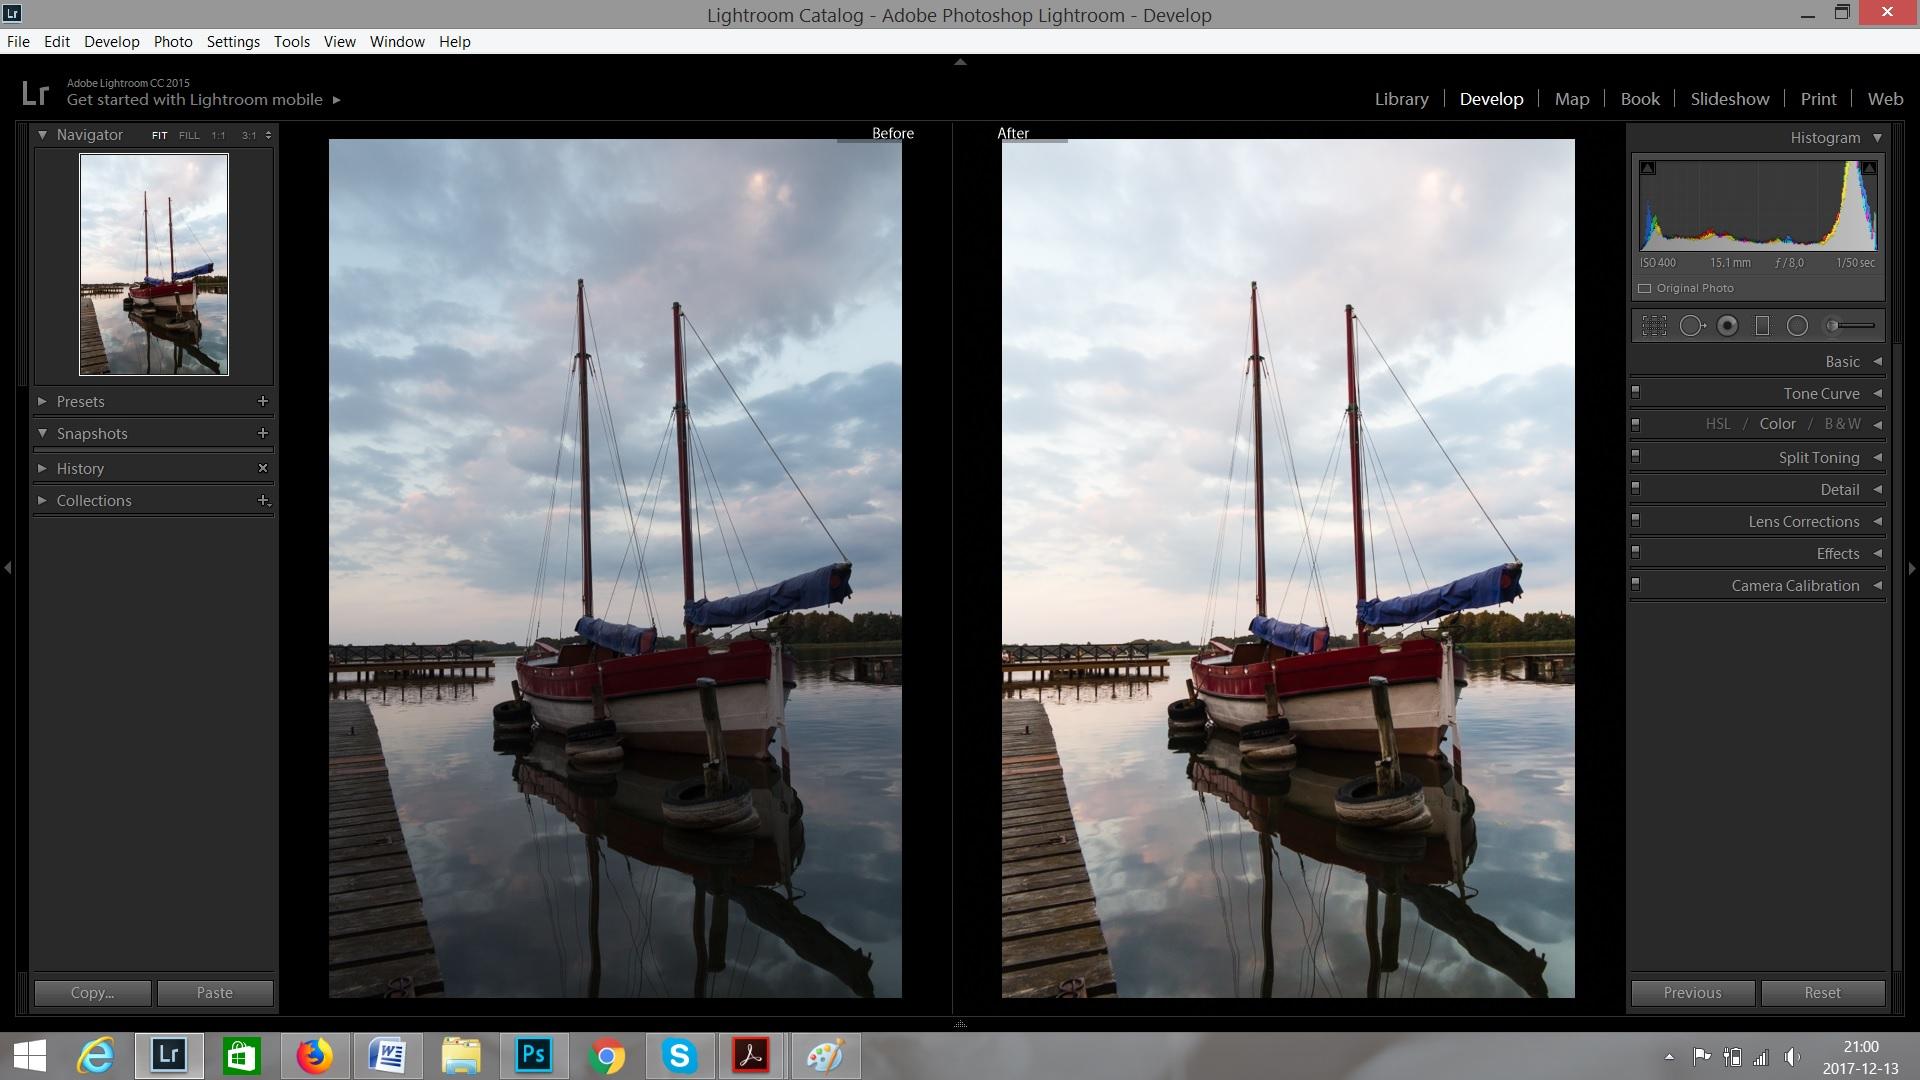 Warsztaty Fotograficzne Obróbka Zdjęć W Adobe Lightroom Ckis Konin